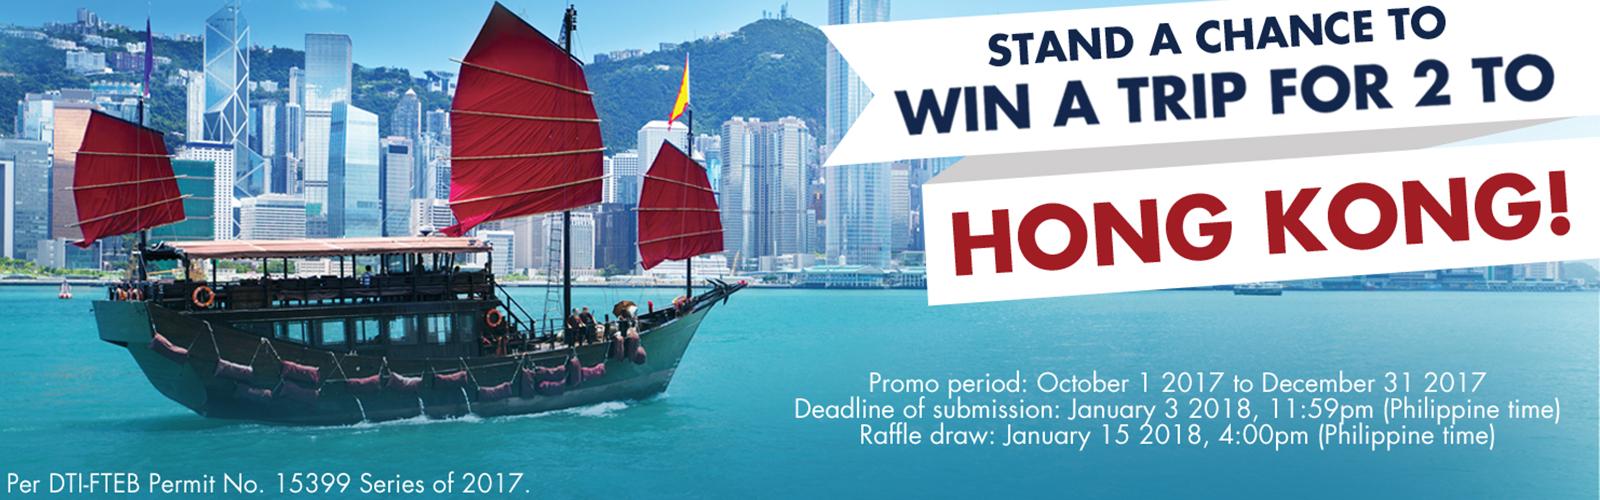 Hongkong Raffle Trip